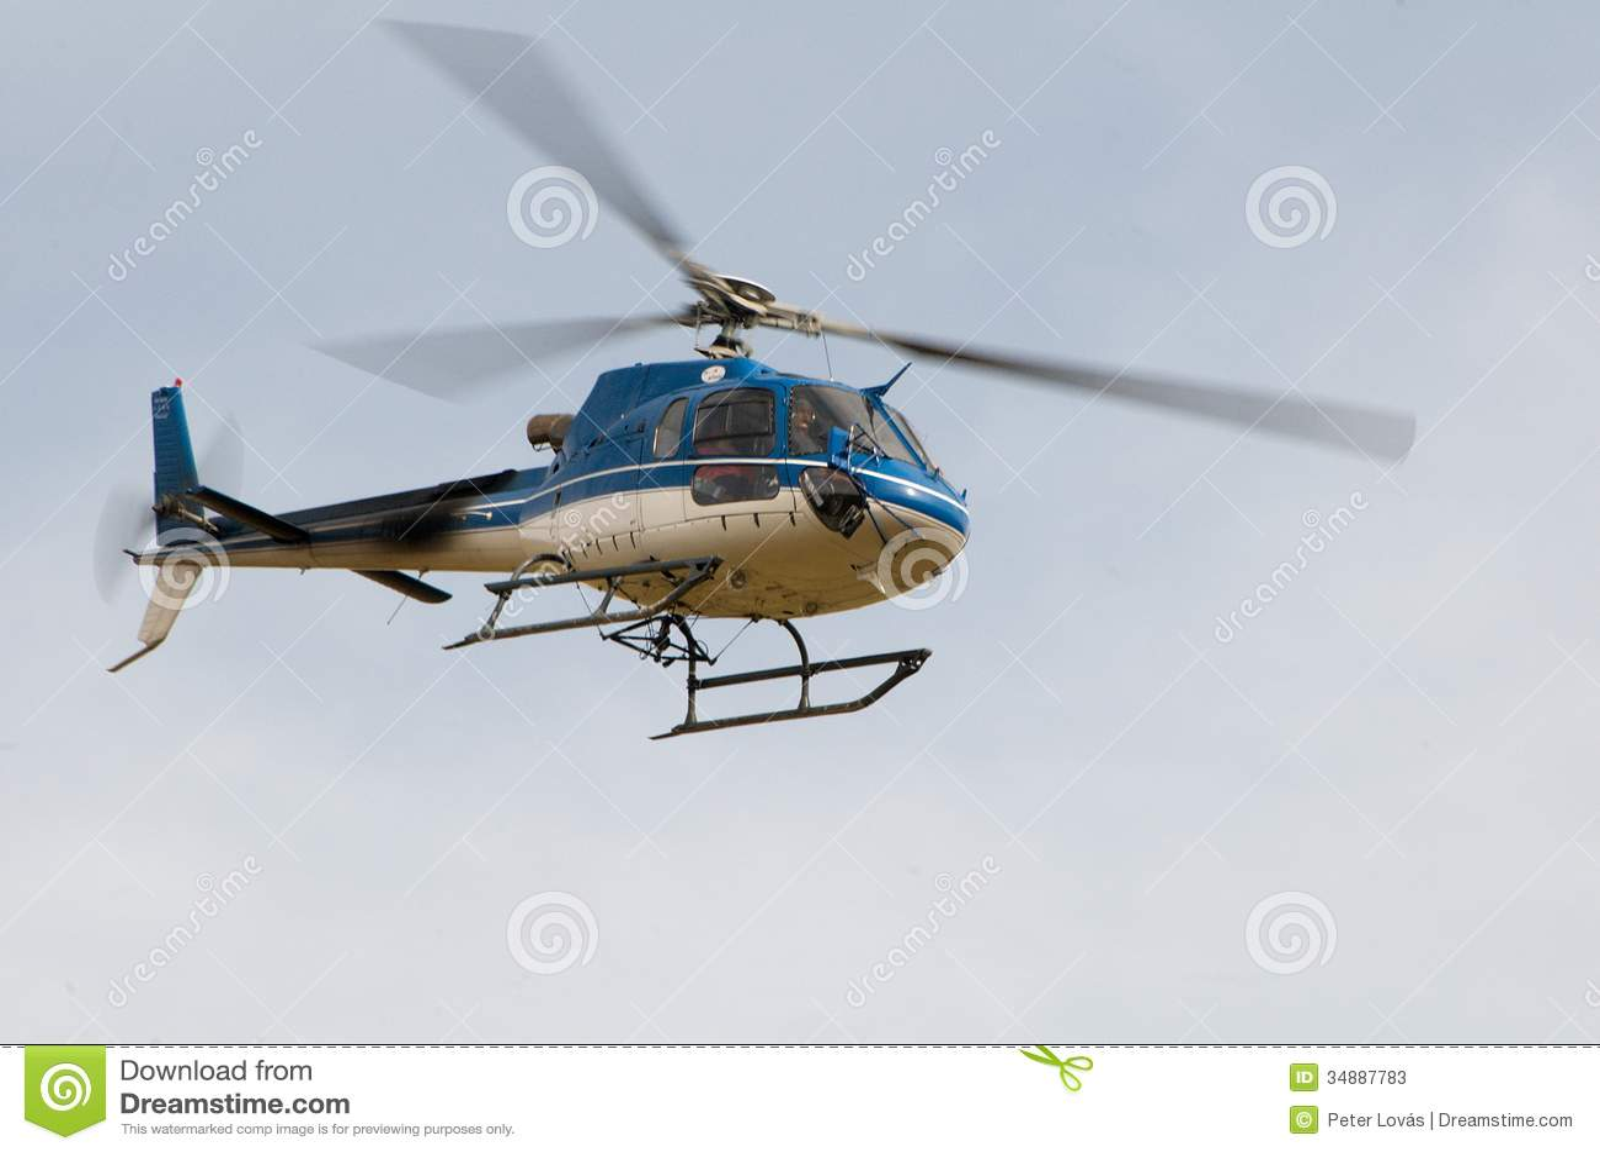 Elicottero B3 : Elicottero ecureuil as b in volo fotografia stock editoriale